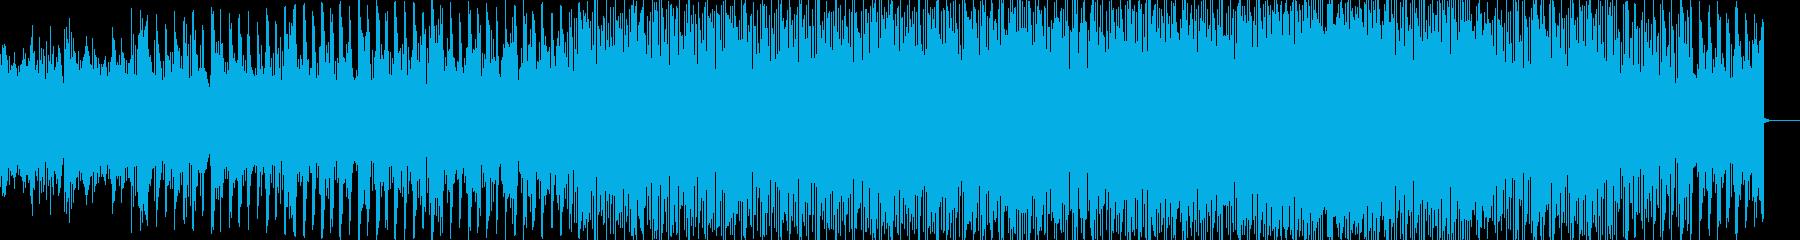 自動車の紹介などで使えるBGMの再生済みの波形